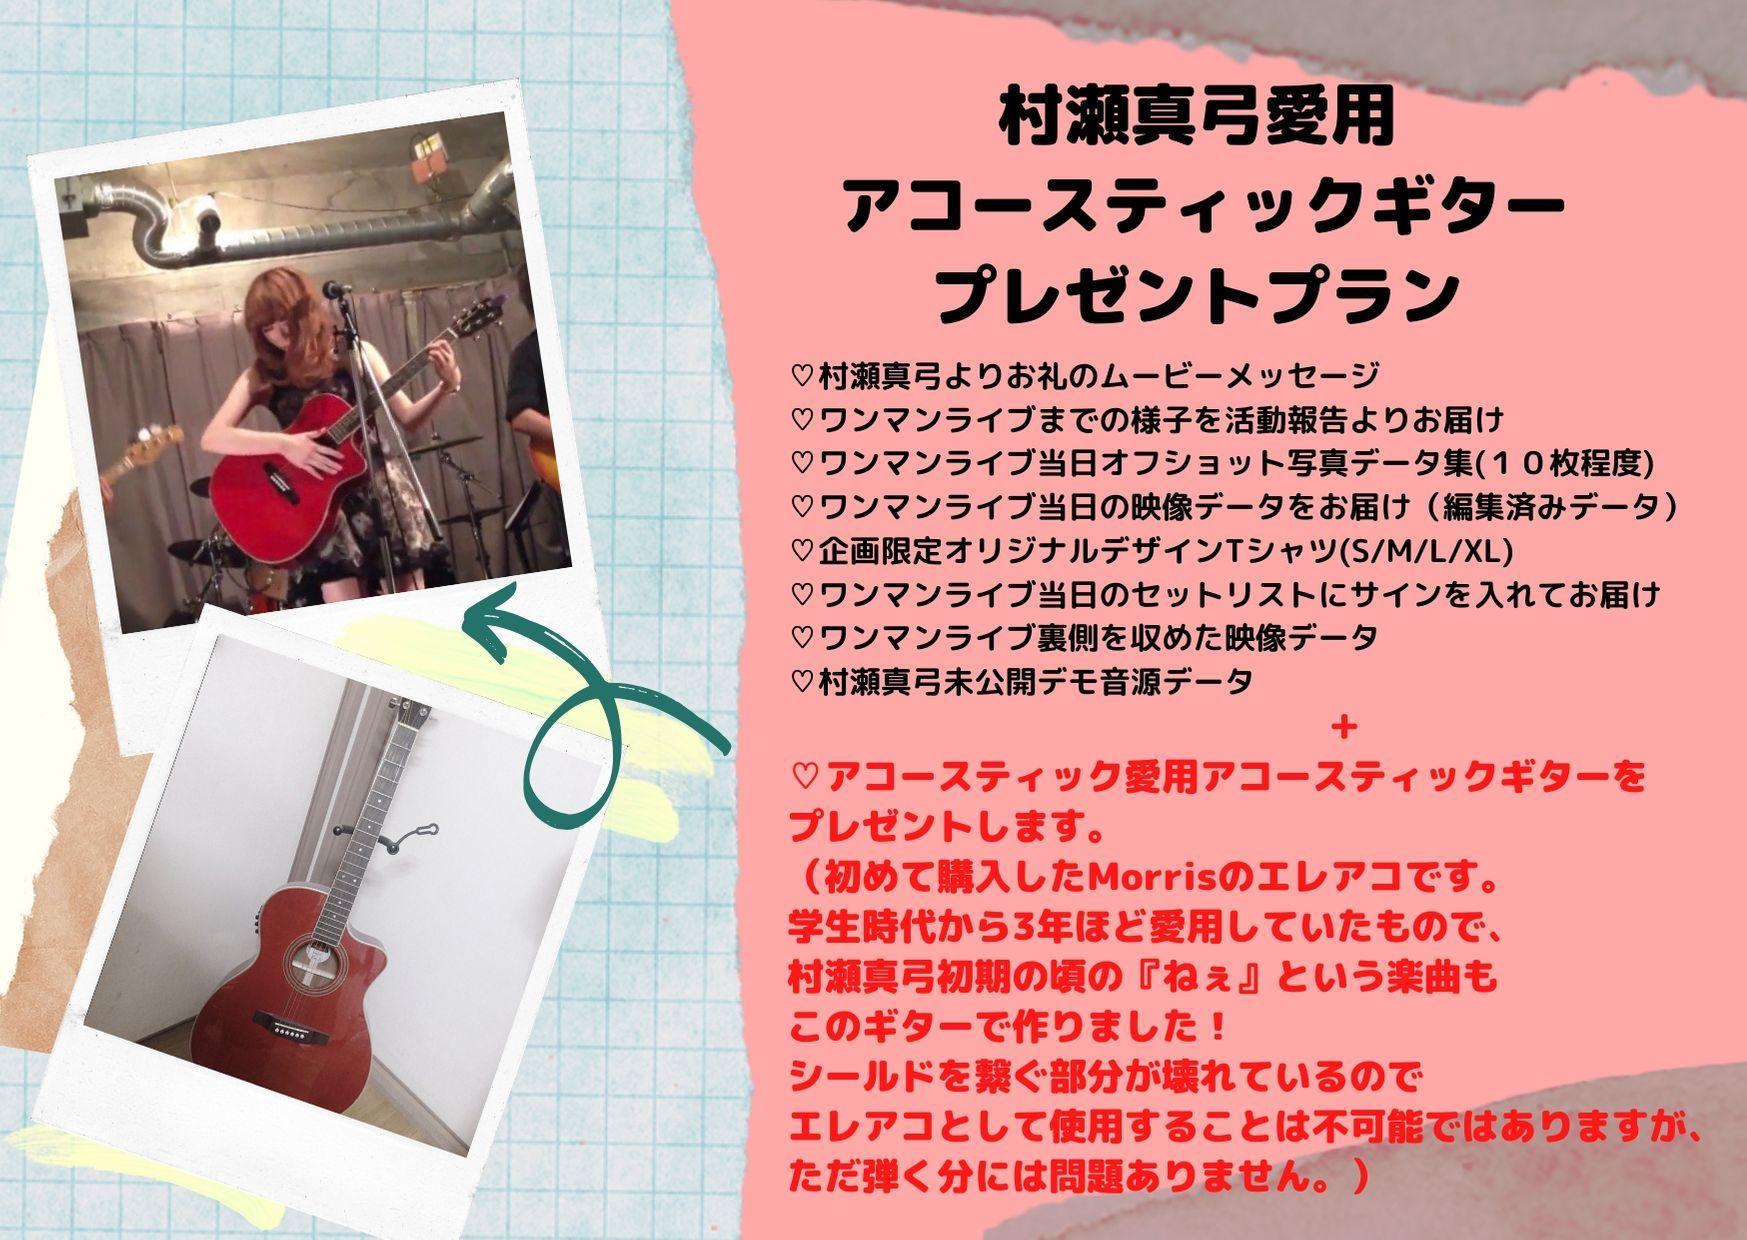 <村瀬真弓愛用アコースティックギタープレゼントプラン>限定1名